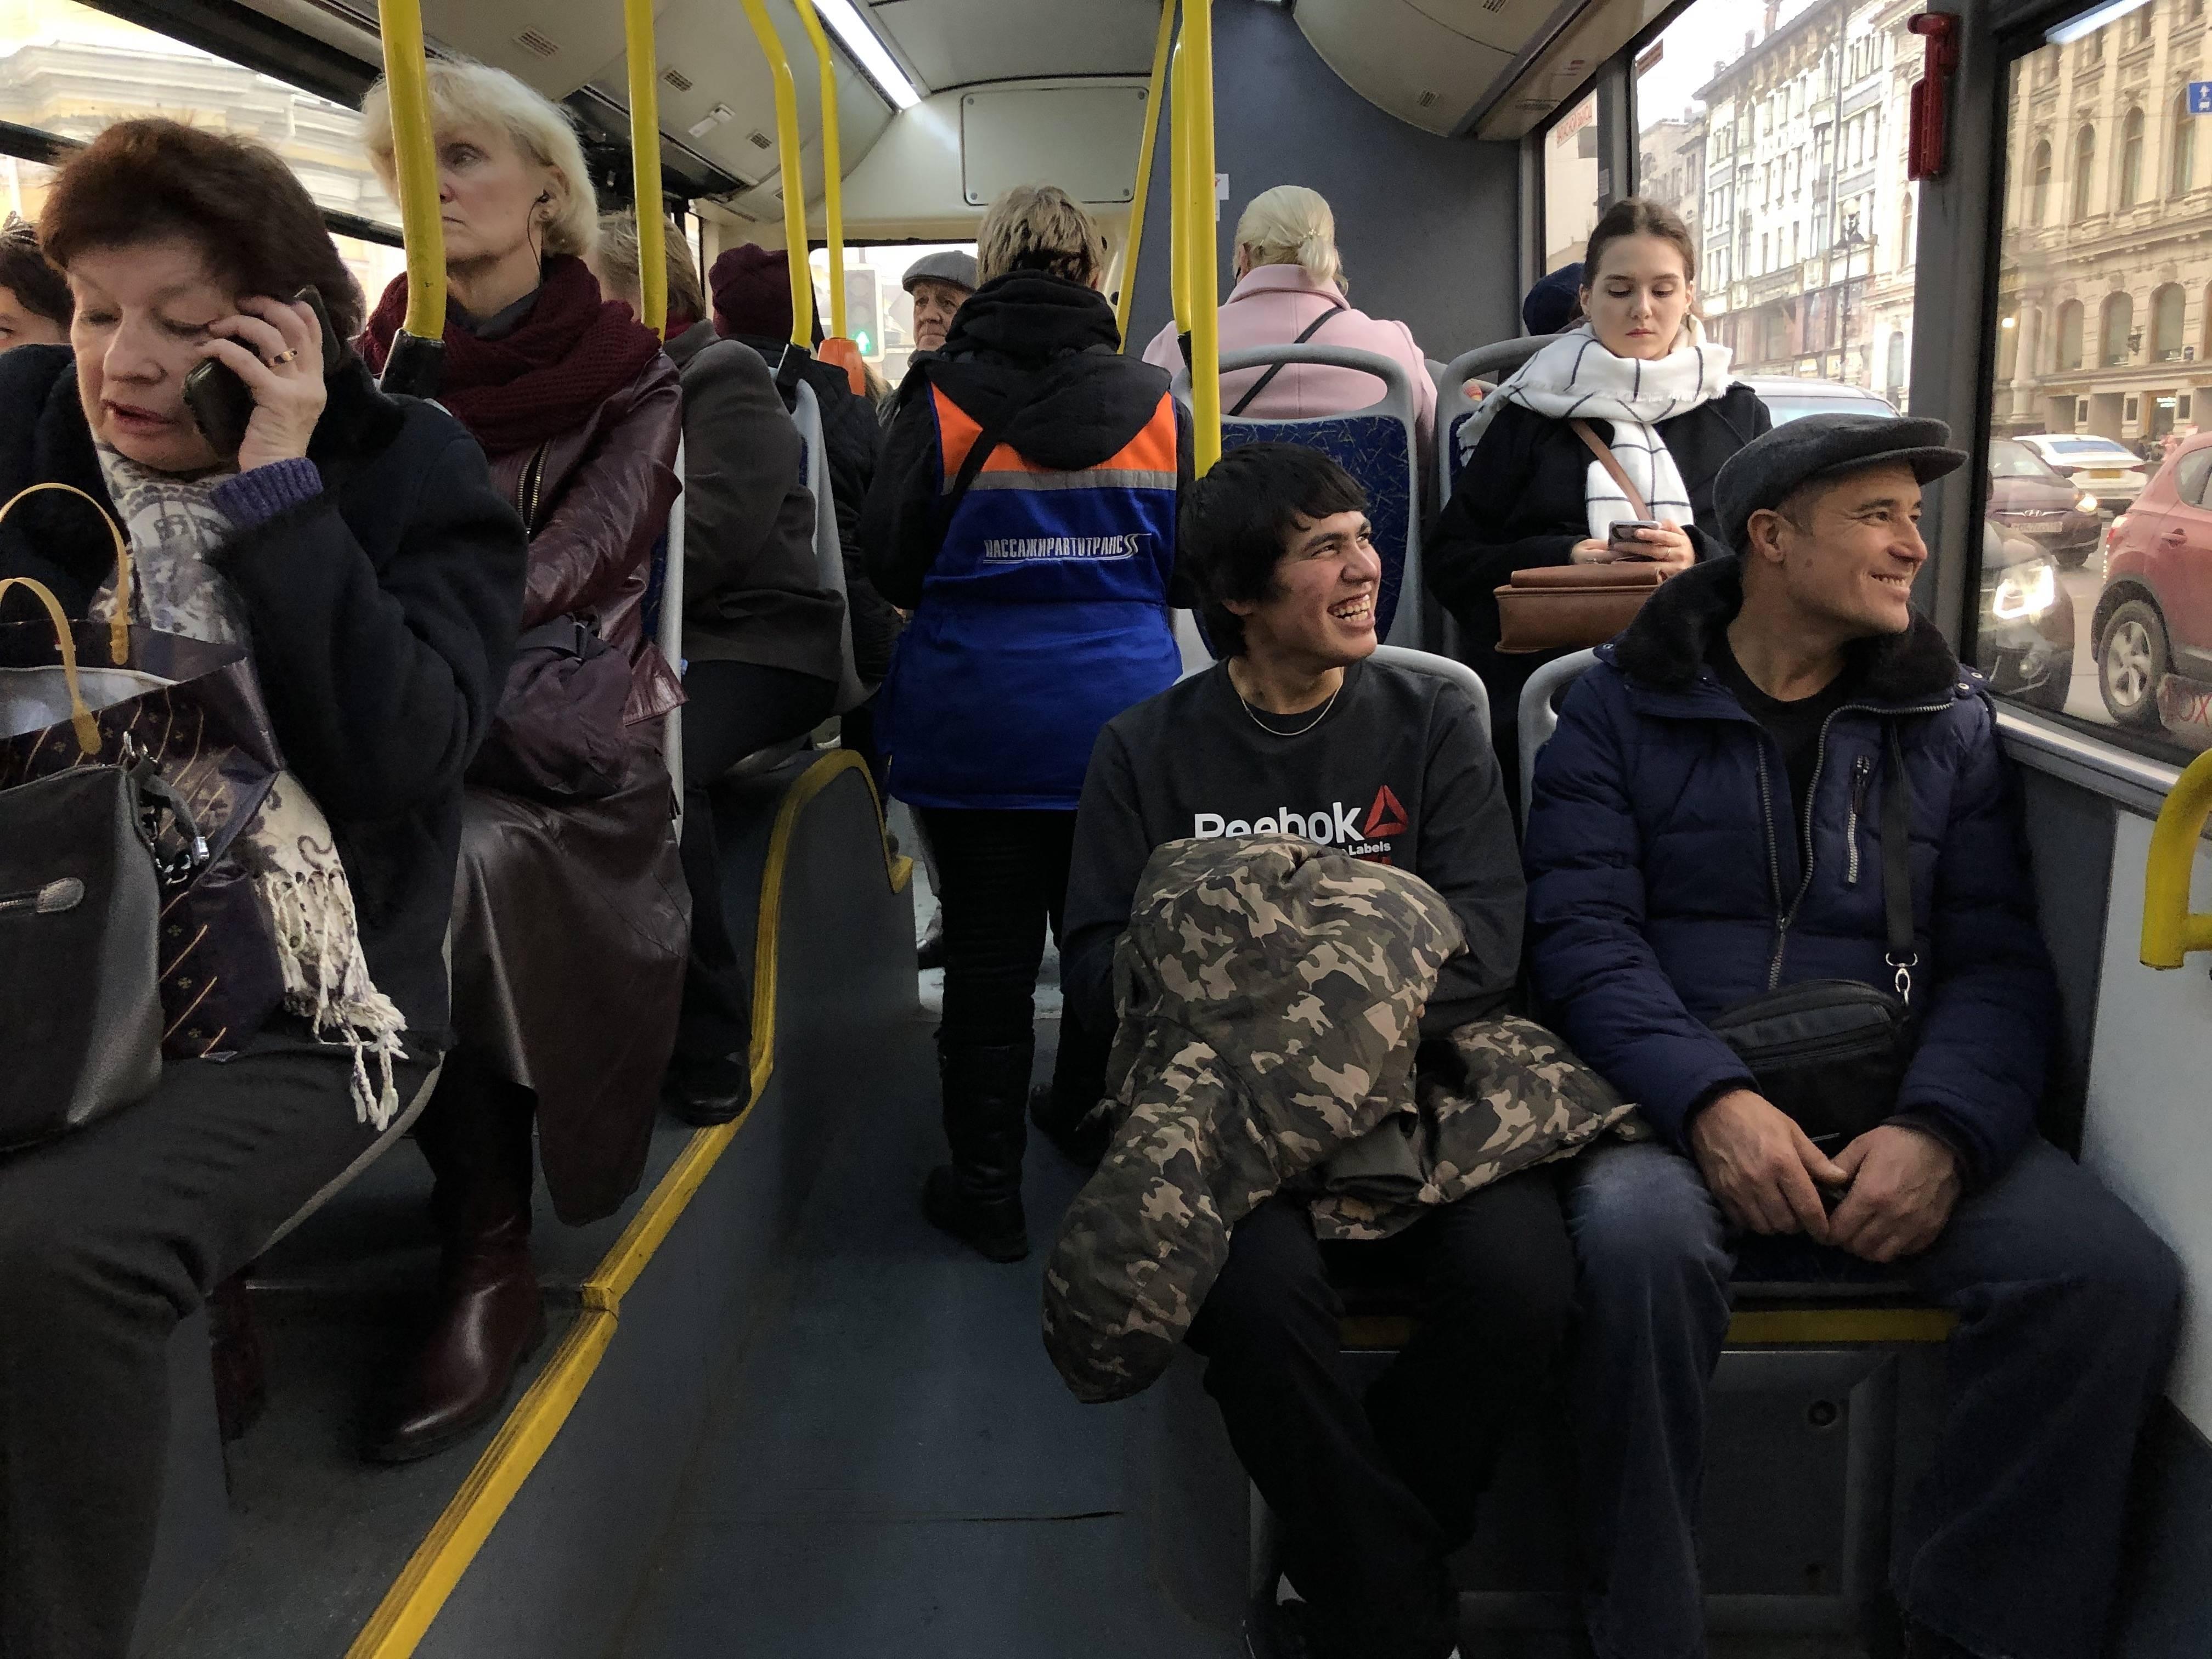 Жизнь русских эмигрантов во франции в 2019 году: работа, цены, социальные выплтаы, недвижимость и т.д.